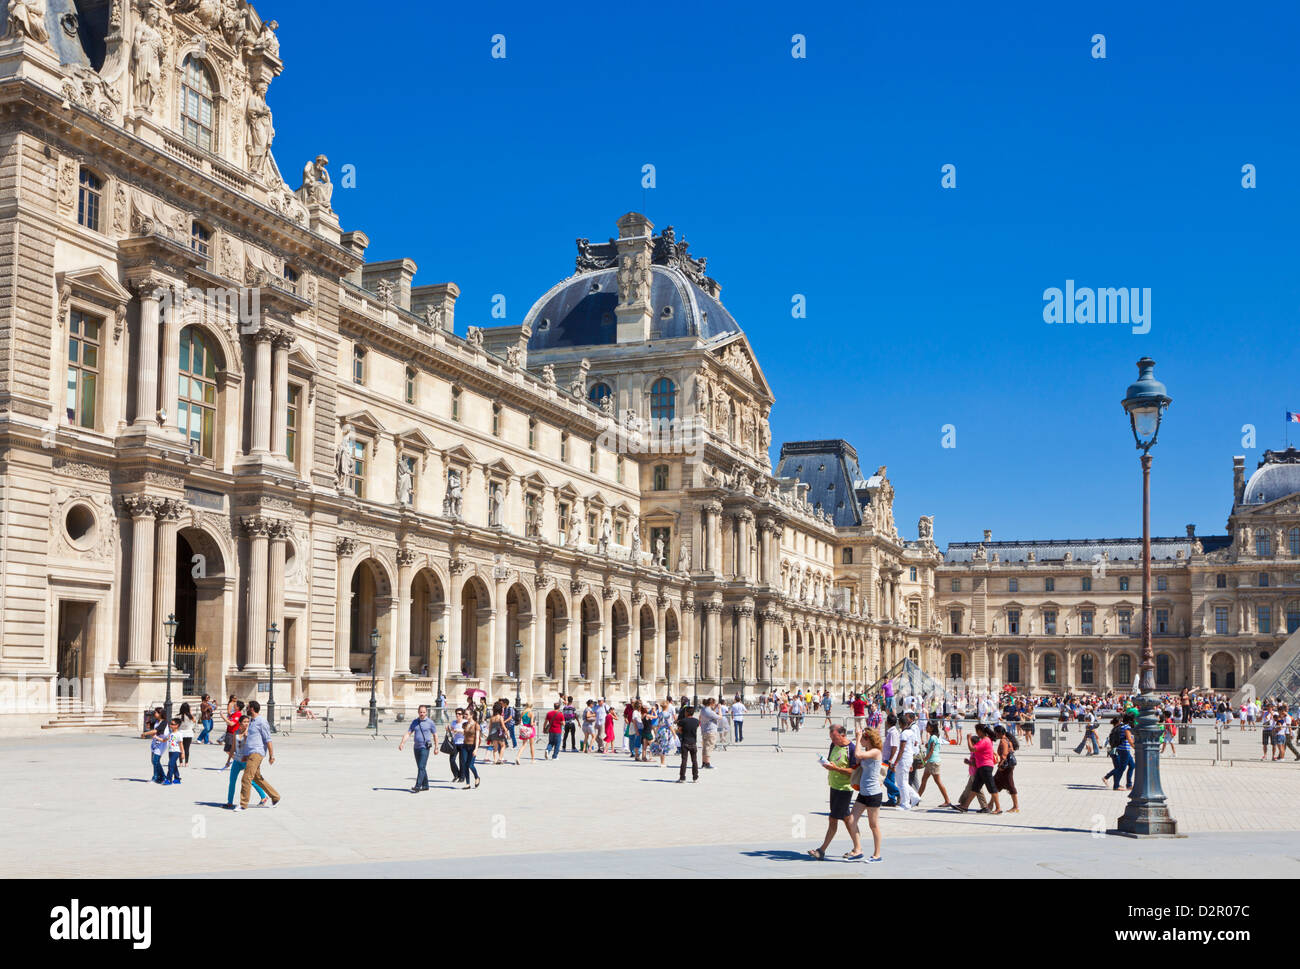 Touristen in den Louvre Kunstgalerie und Museum, Paris, Frankreich, Europa Stockbild